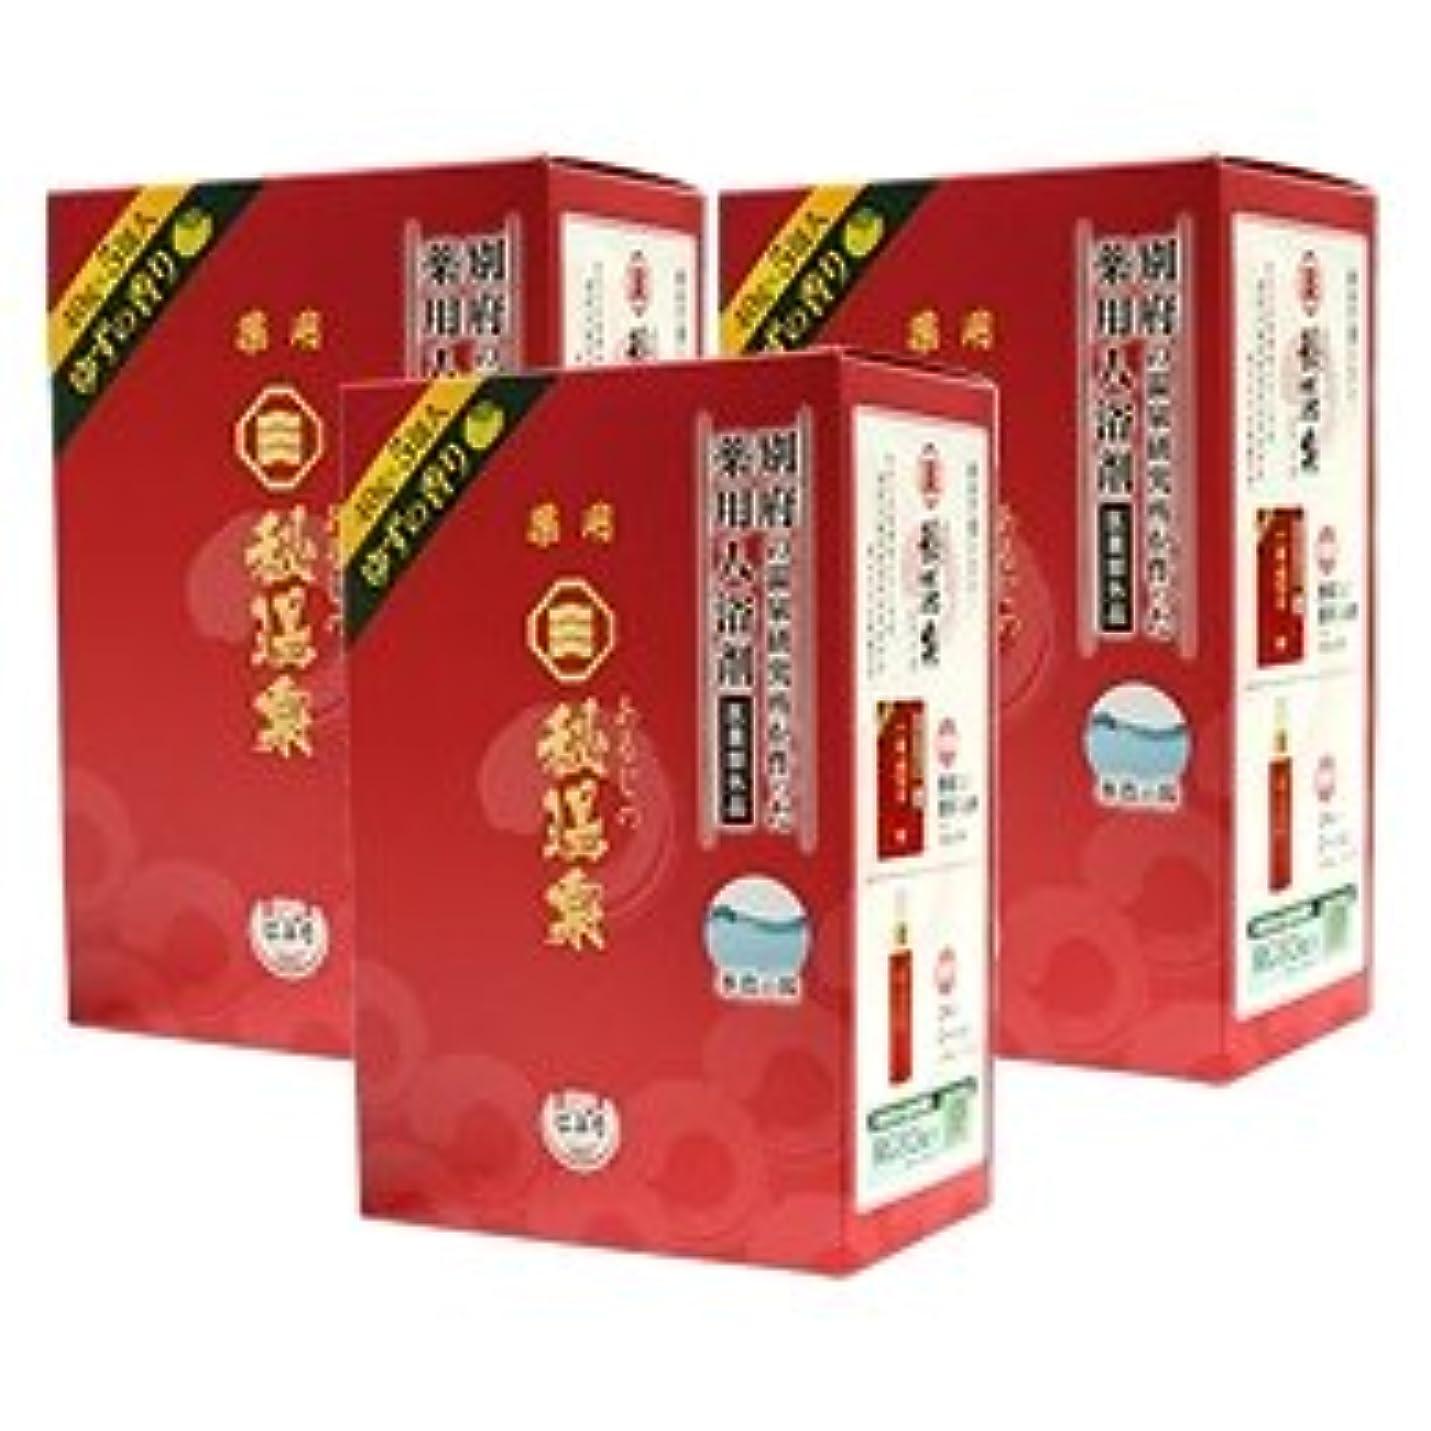 作るヘビアシスタント薬用入浴剤 あるじの秘湯泉 ×3箱(1箱5包入り)セット